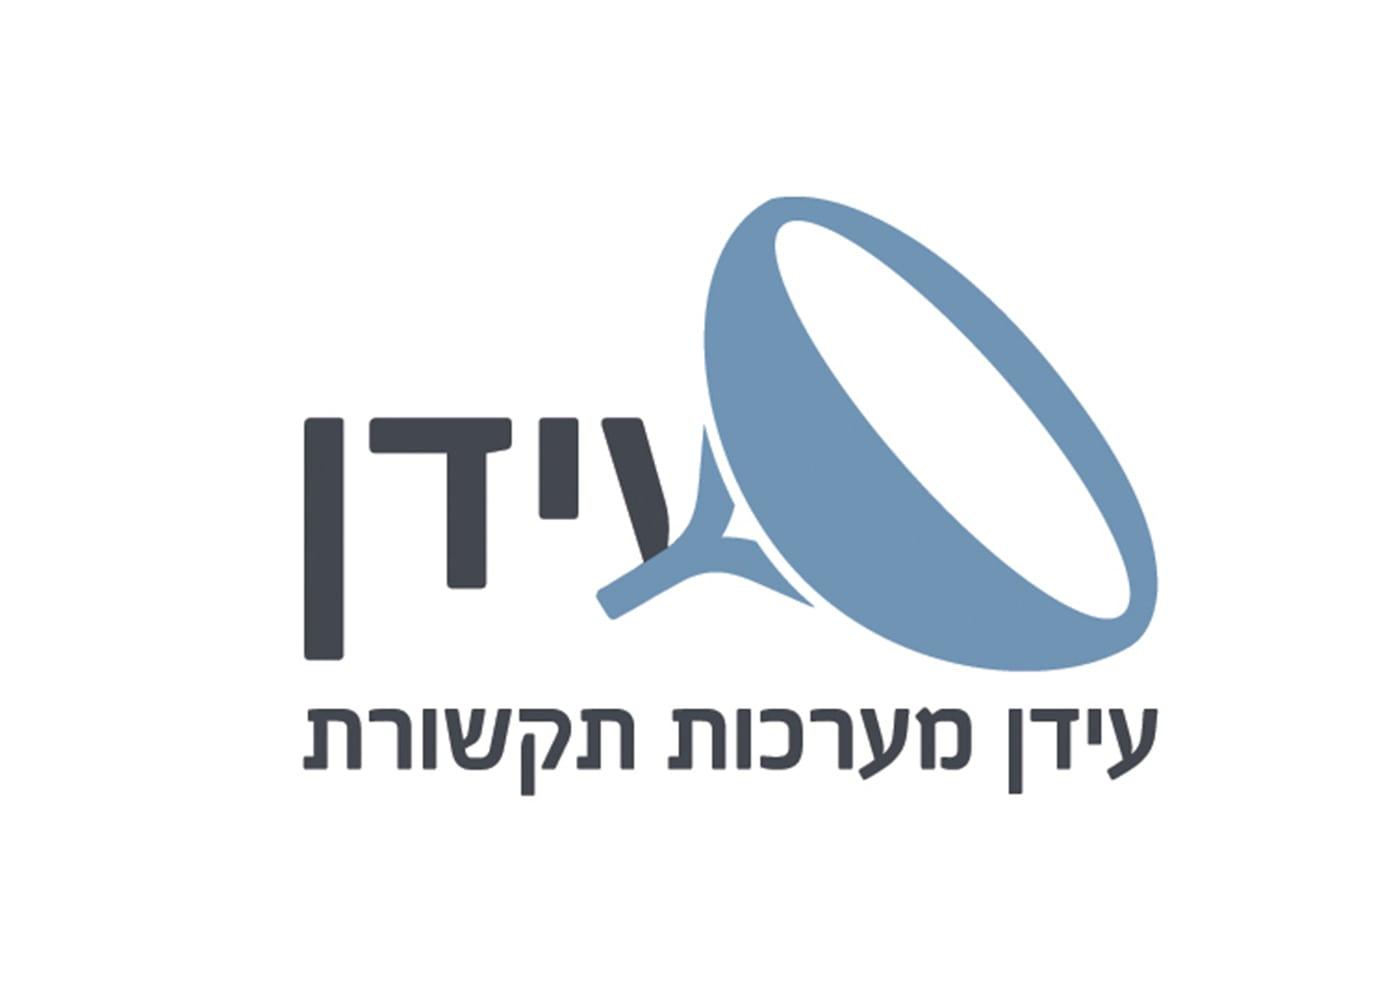 עיצוב לוגו לחברת עידן מערכות תקשורת